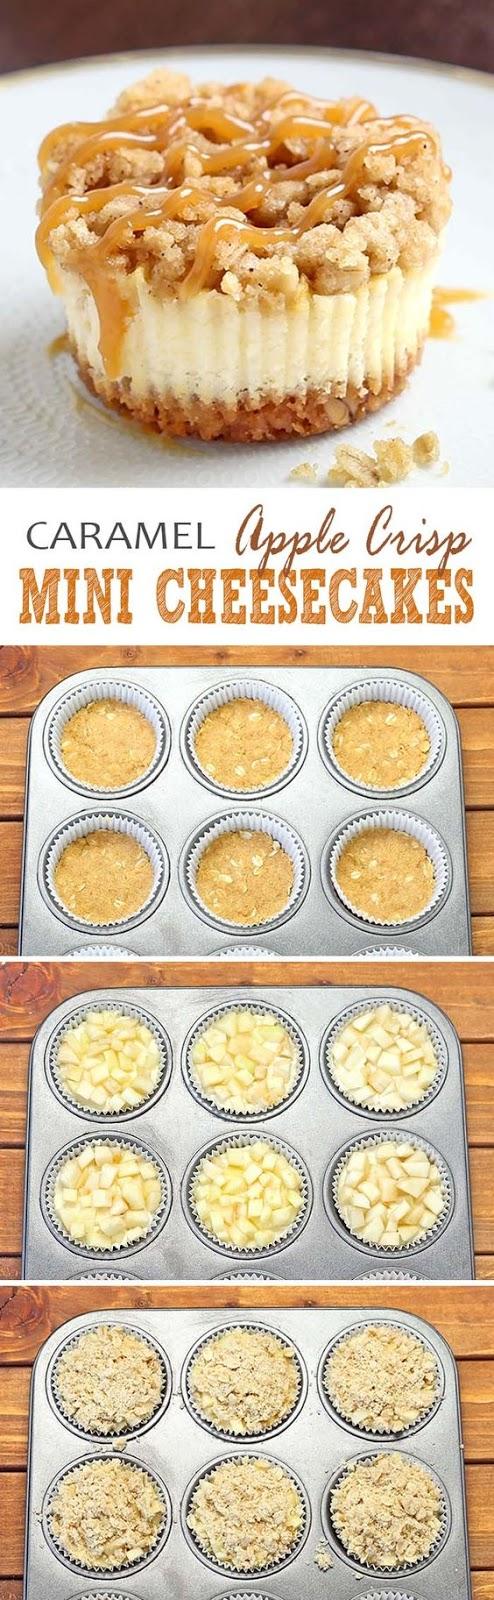 Caramel Apple Crísp Míní Cheesecakes